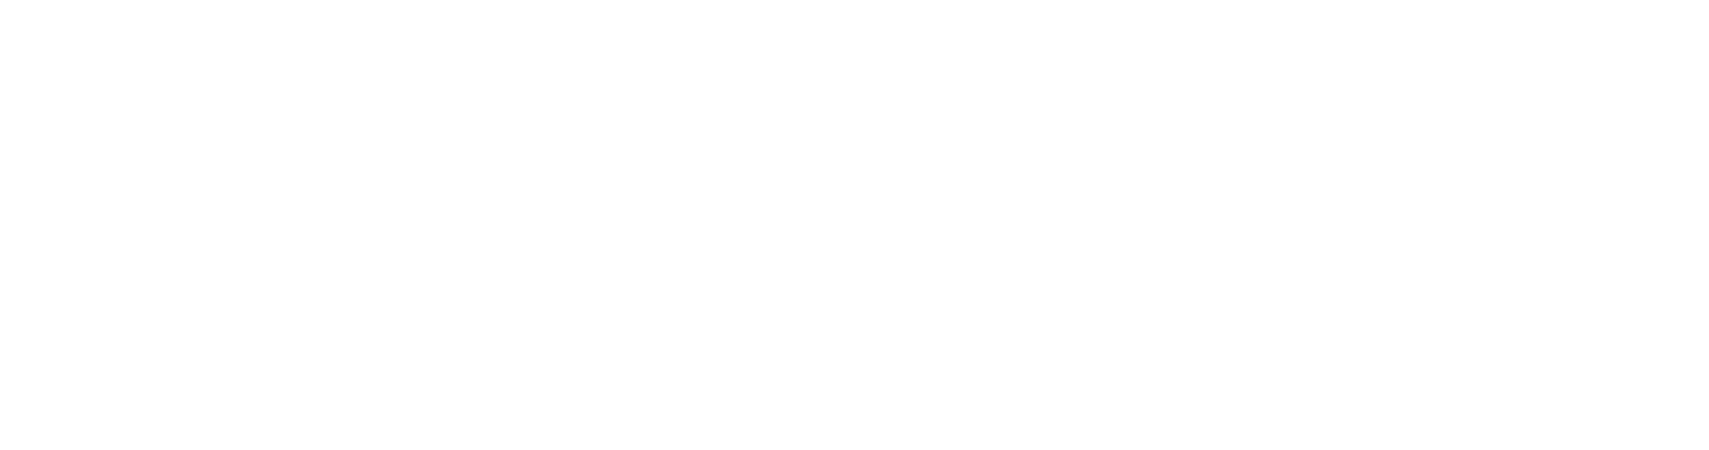 臺灣金融都更